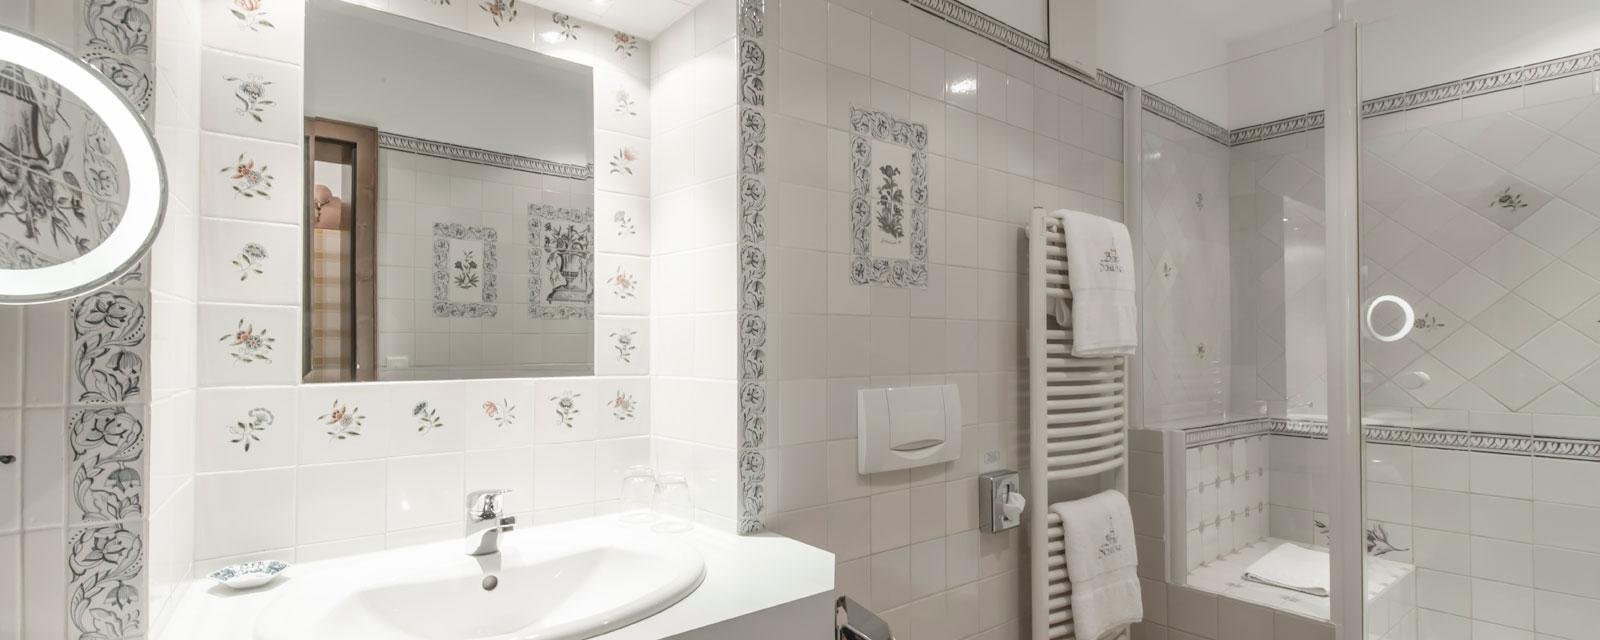 Badezimmer mit Spiegel und Waschbecken